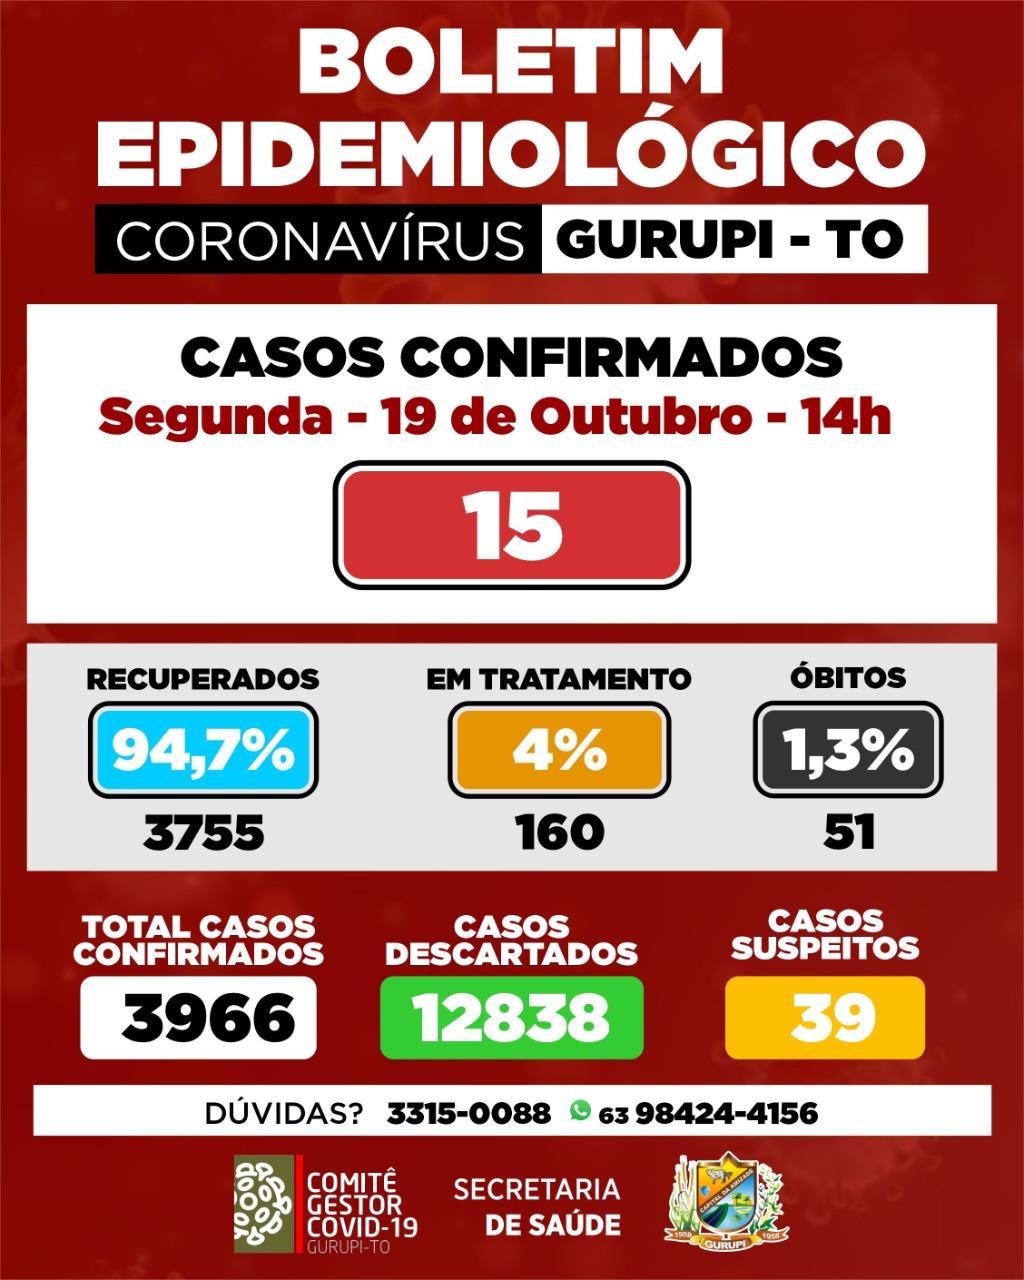 Boletim epidemiológico de Gurupi registra 15 novos casos de coronavírus